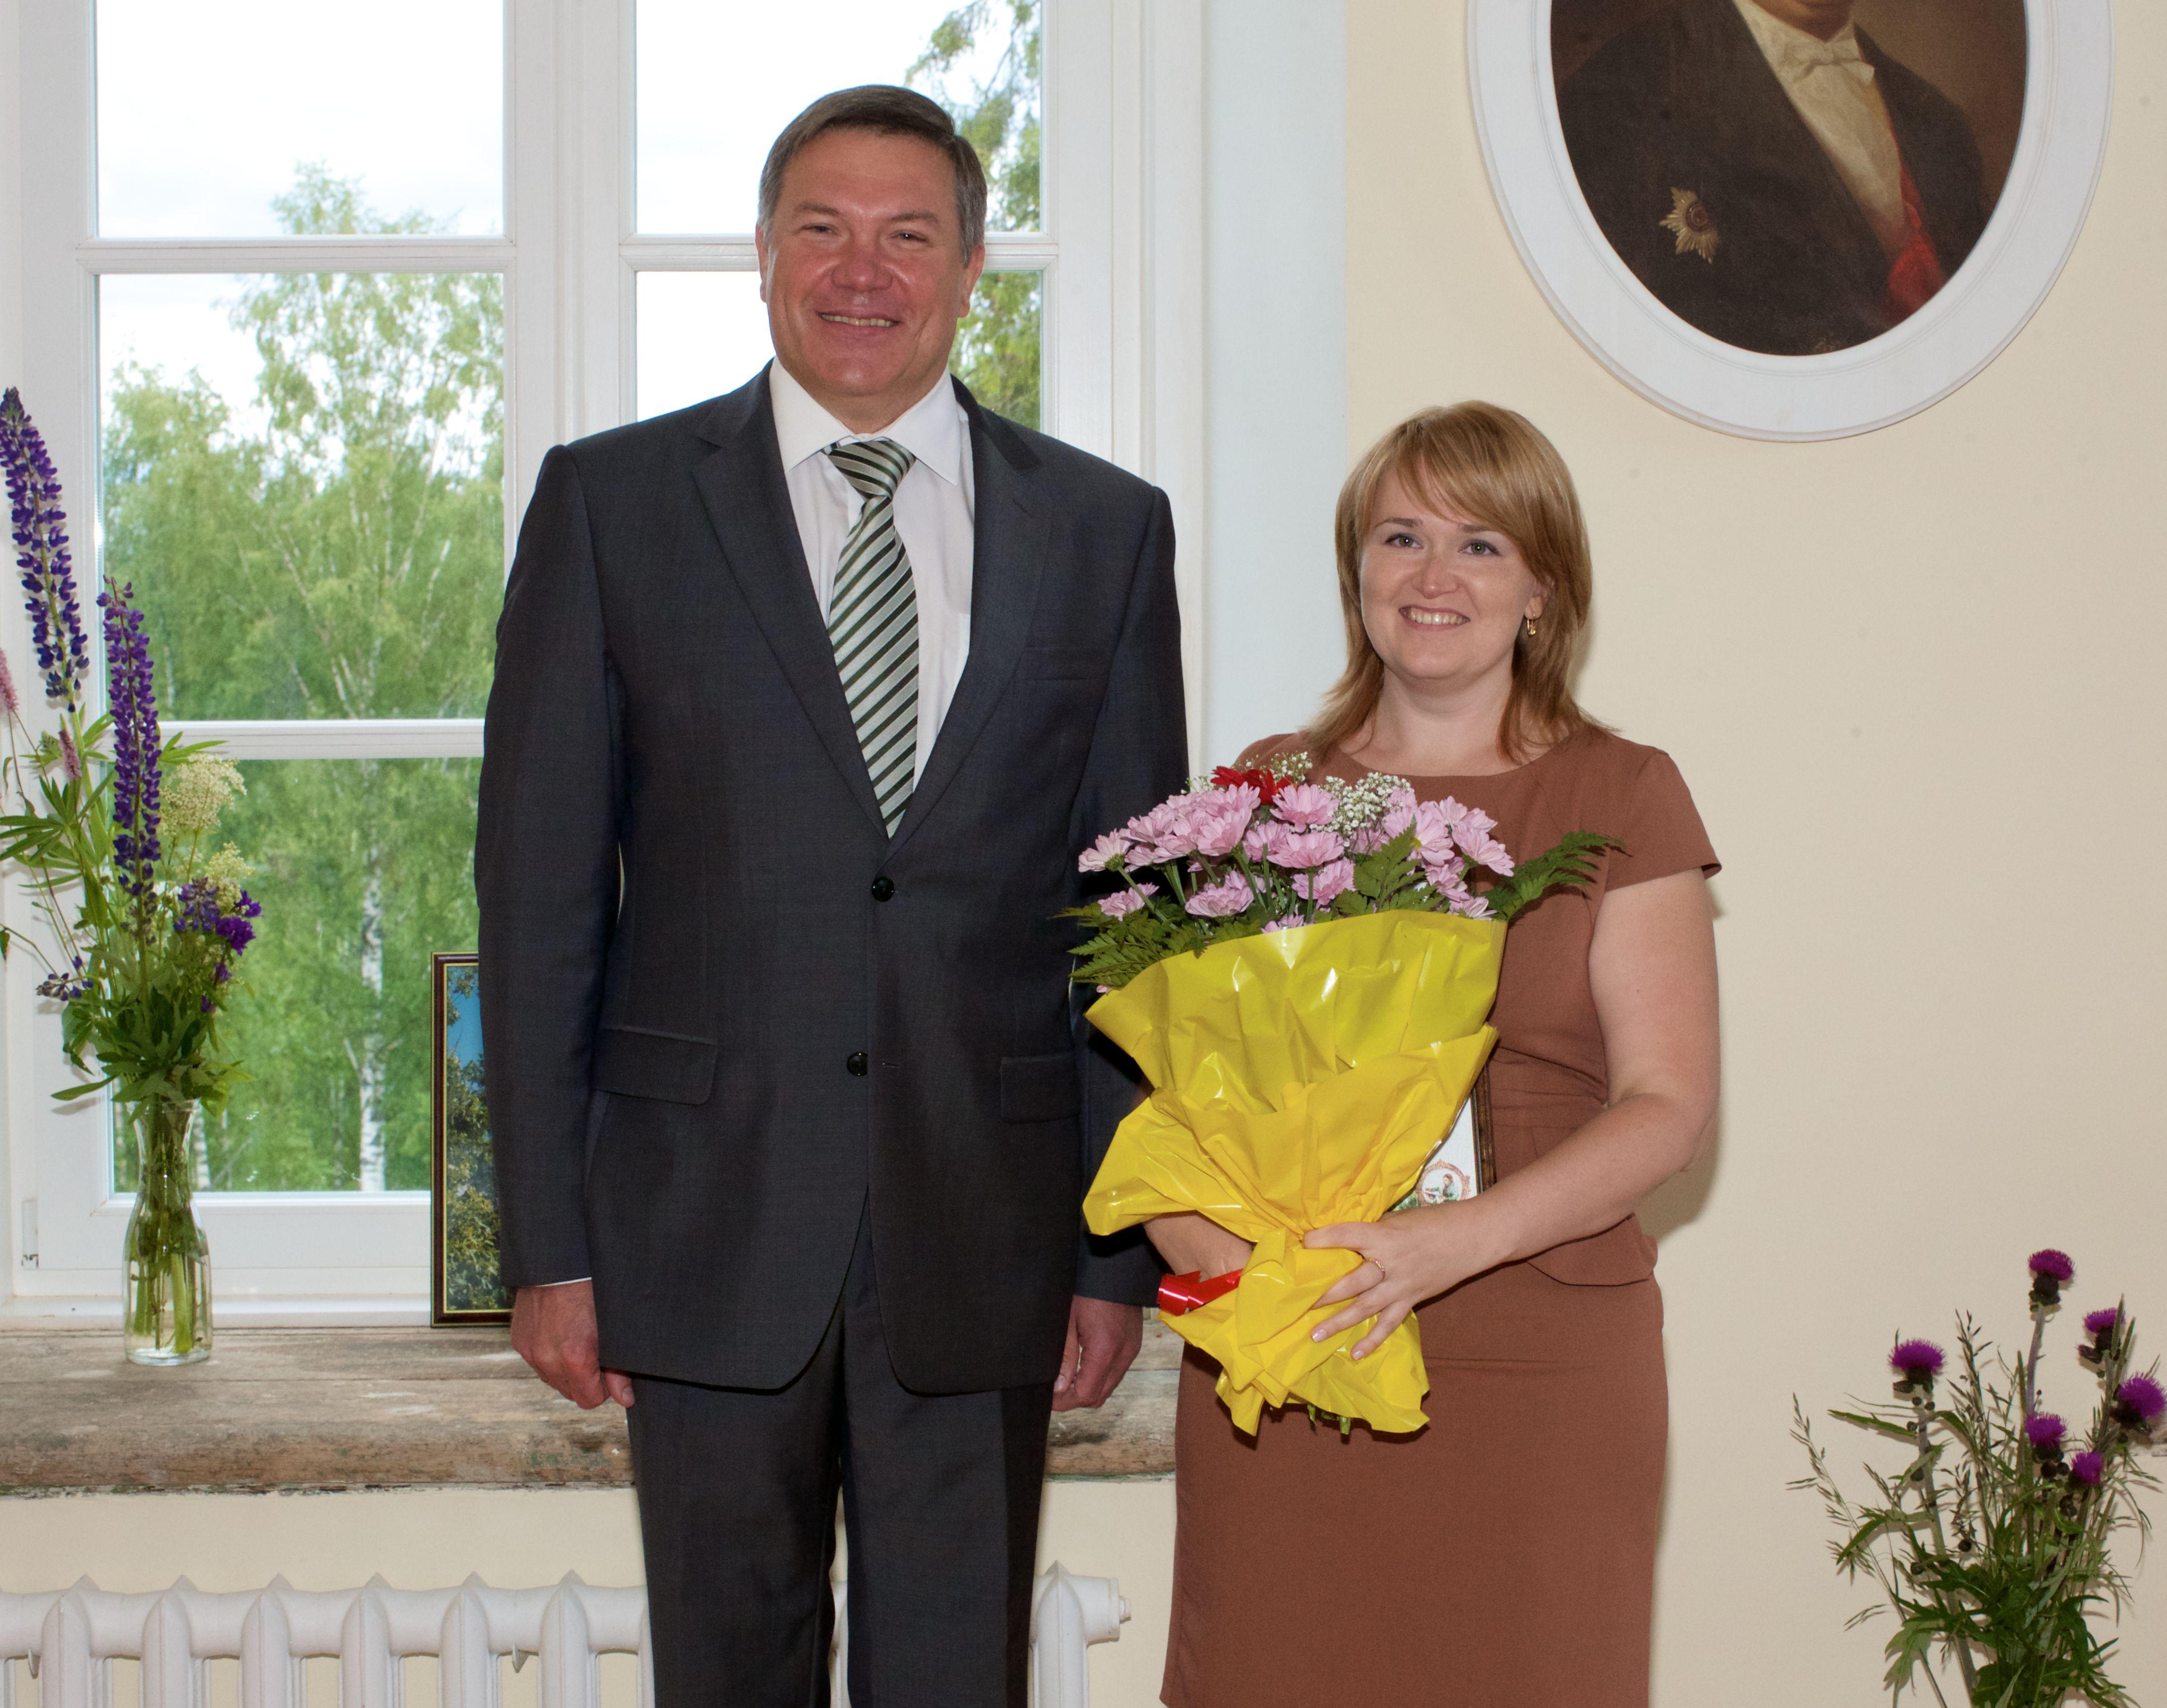 Олег Кувшинников наградил председателя Совета молодежи «Вологдаэнерго» за вклад в реализацию молодежной политики